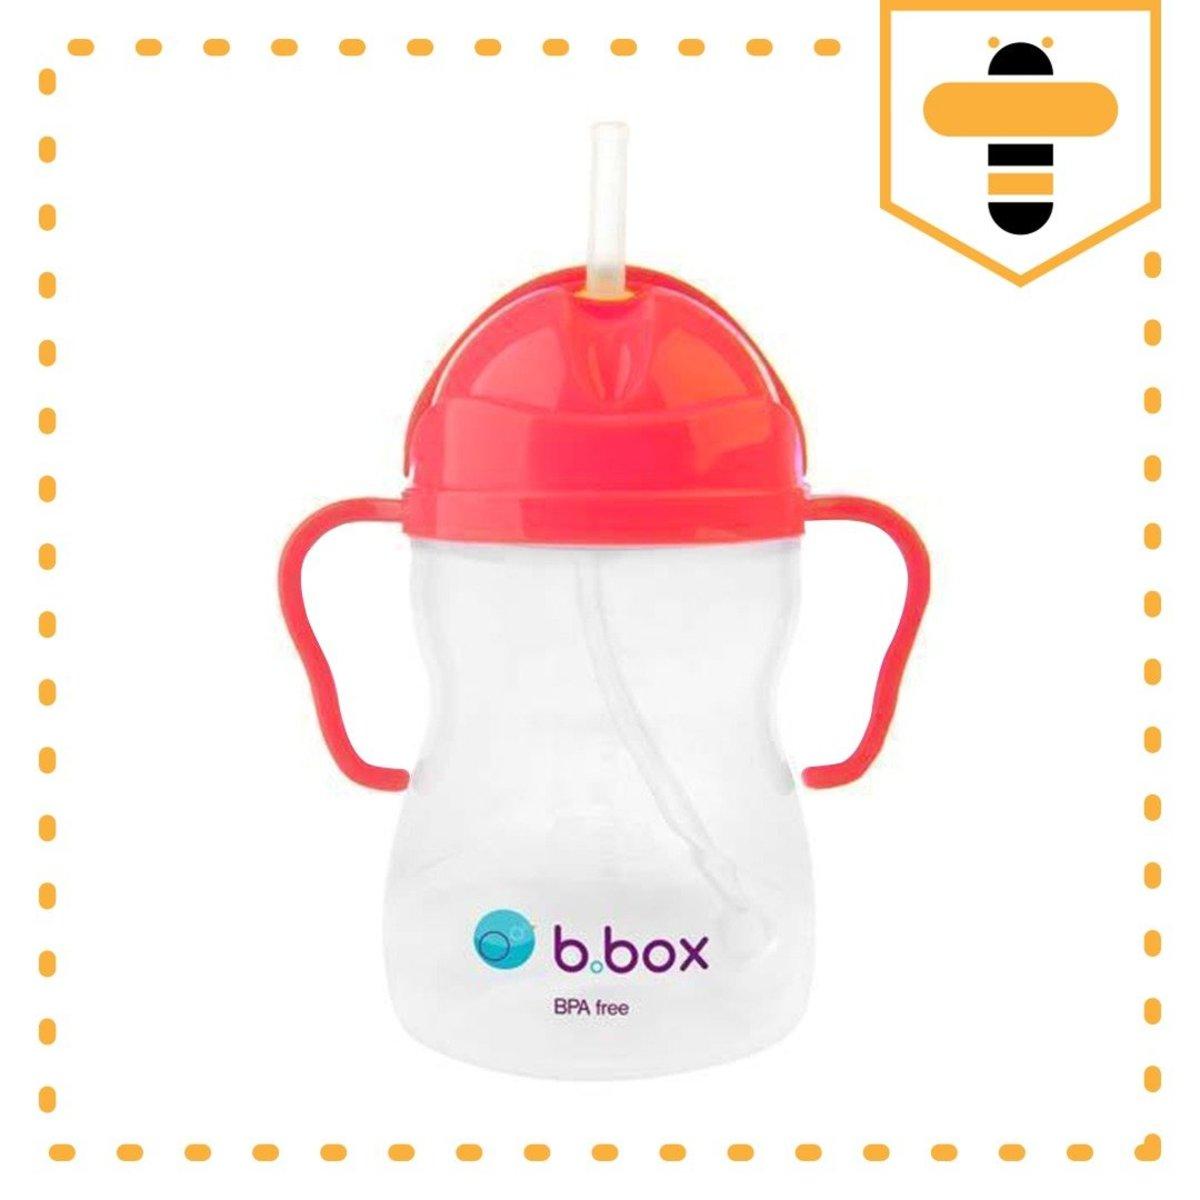 經典款第一代 |澳洲b.box 防漏吸管學飲水杯 - 西瓜紅色 (250ml)(6m+)(平行進口)